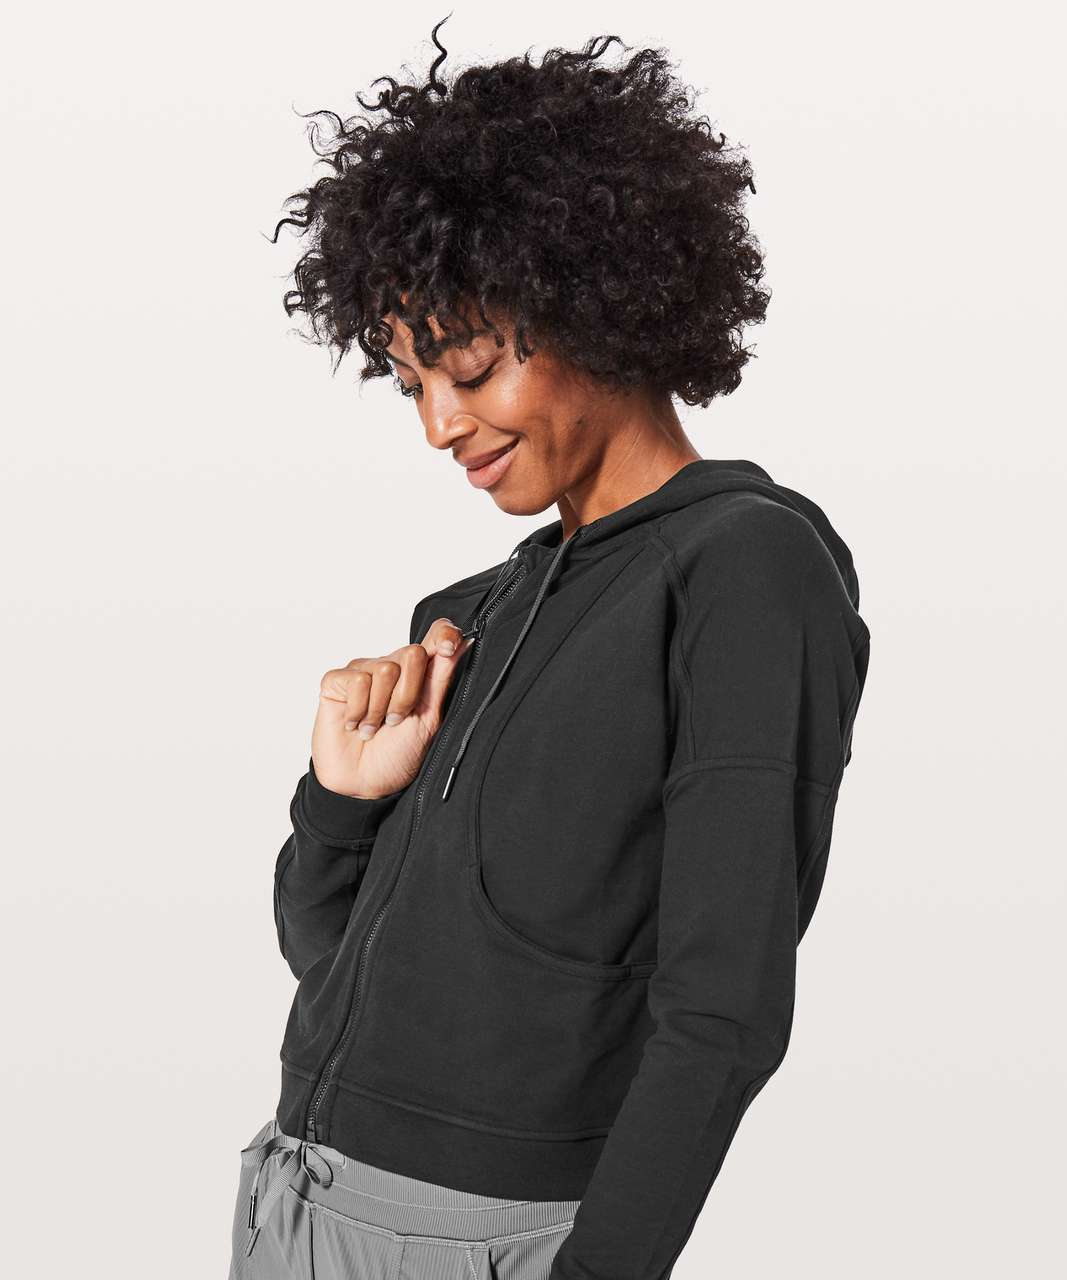 Lululemon Next Move Jacket - Black